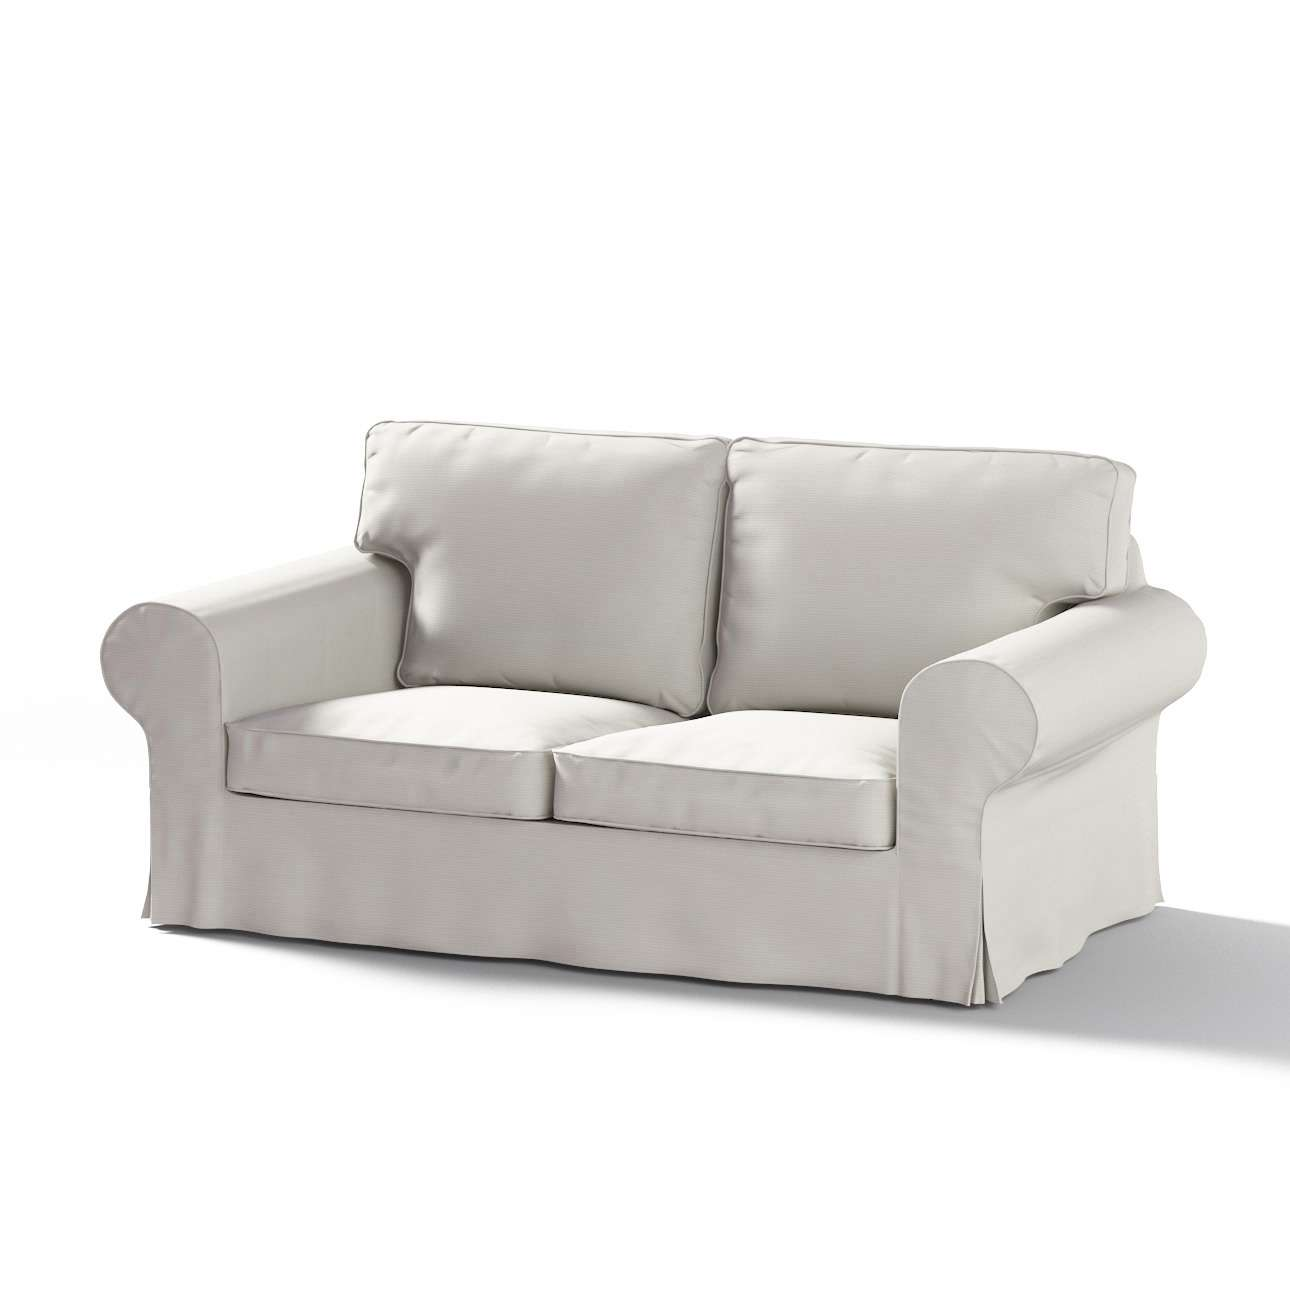 Pokrowiec na sofę Ektorp 2-osobową rozkładana NOWY MODEL 2012 sofa ektorp 2-osobowa rozkładana NOWY MODEL w kolekcji Cotton Panama, tkanina: 702-31